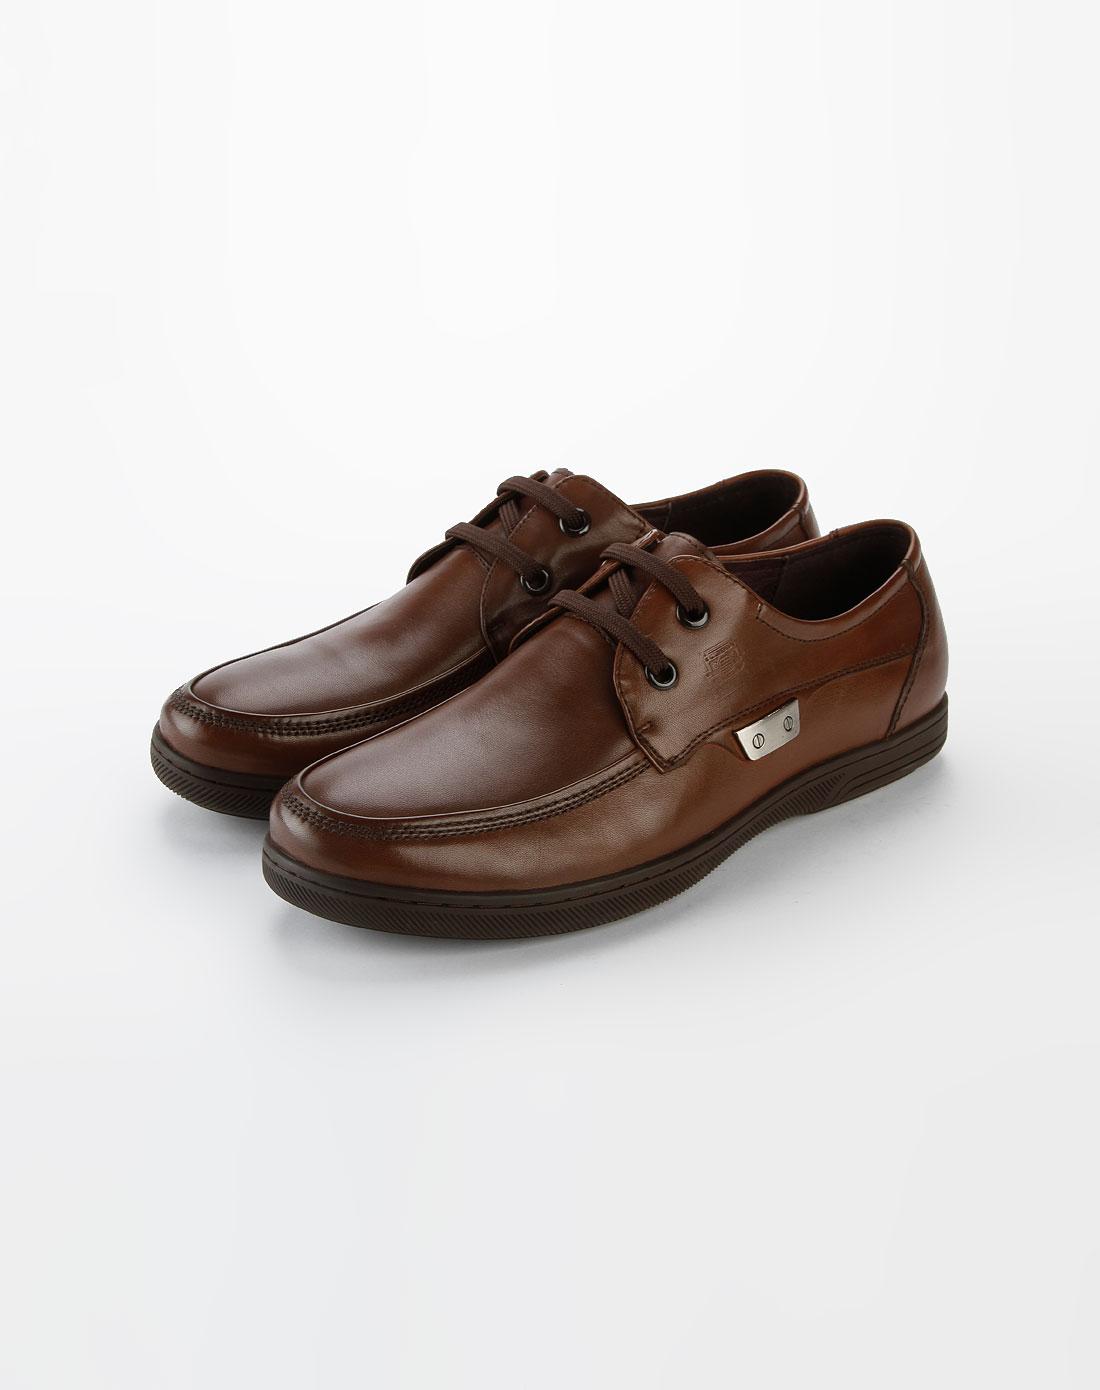 男款棕色休闲皮鞋